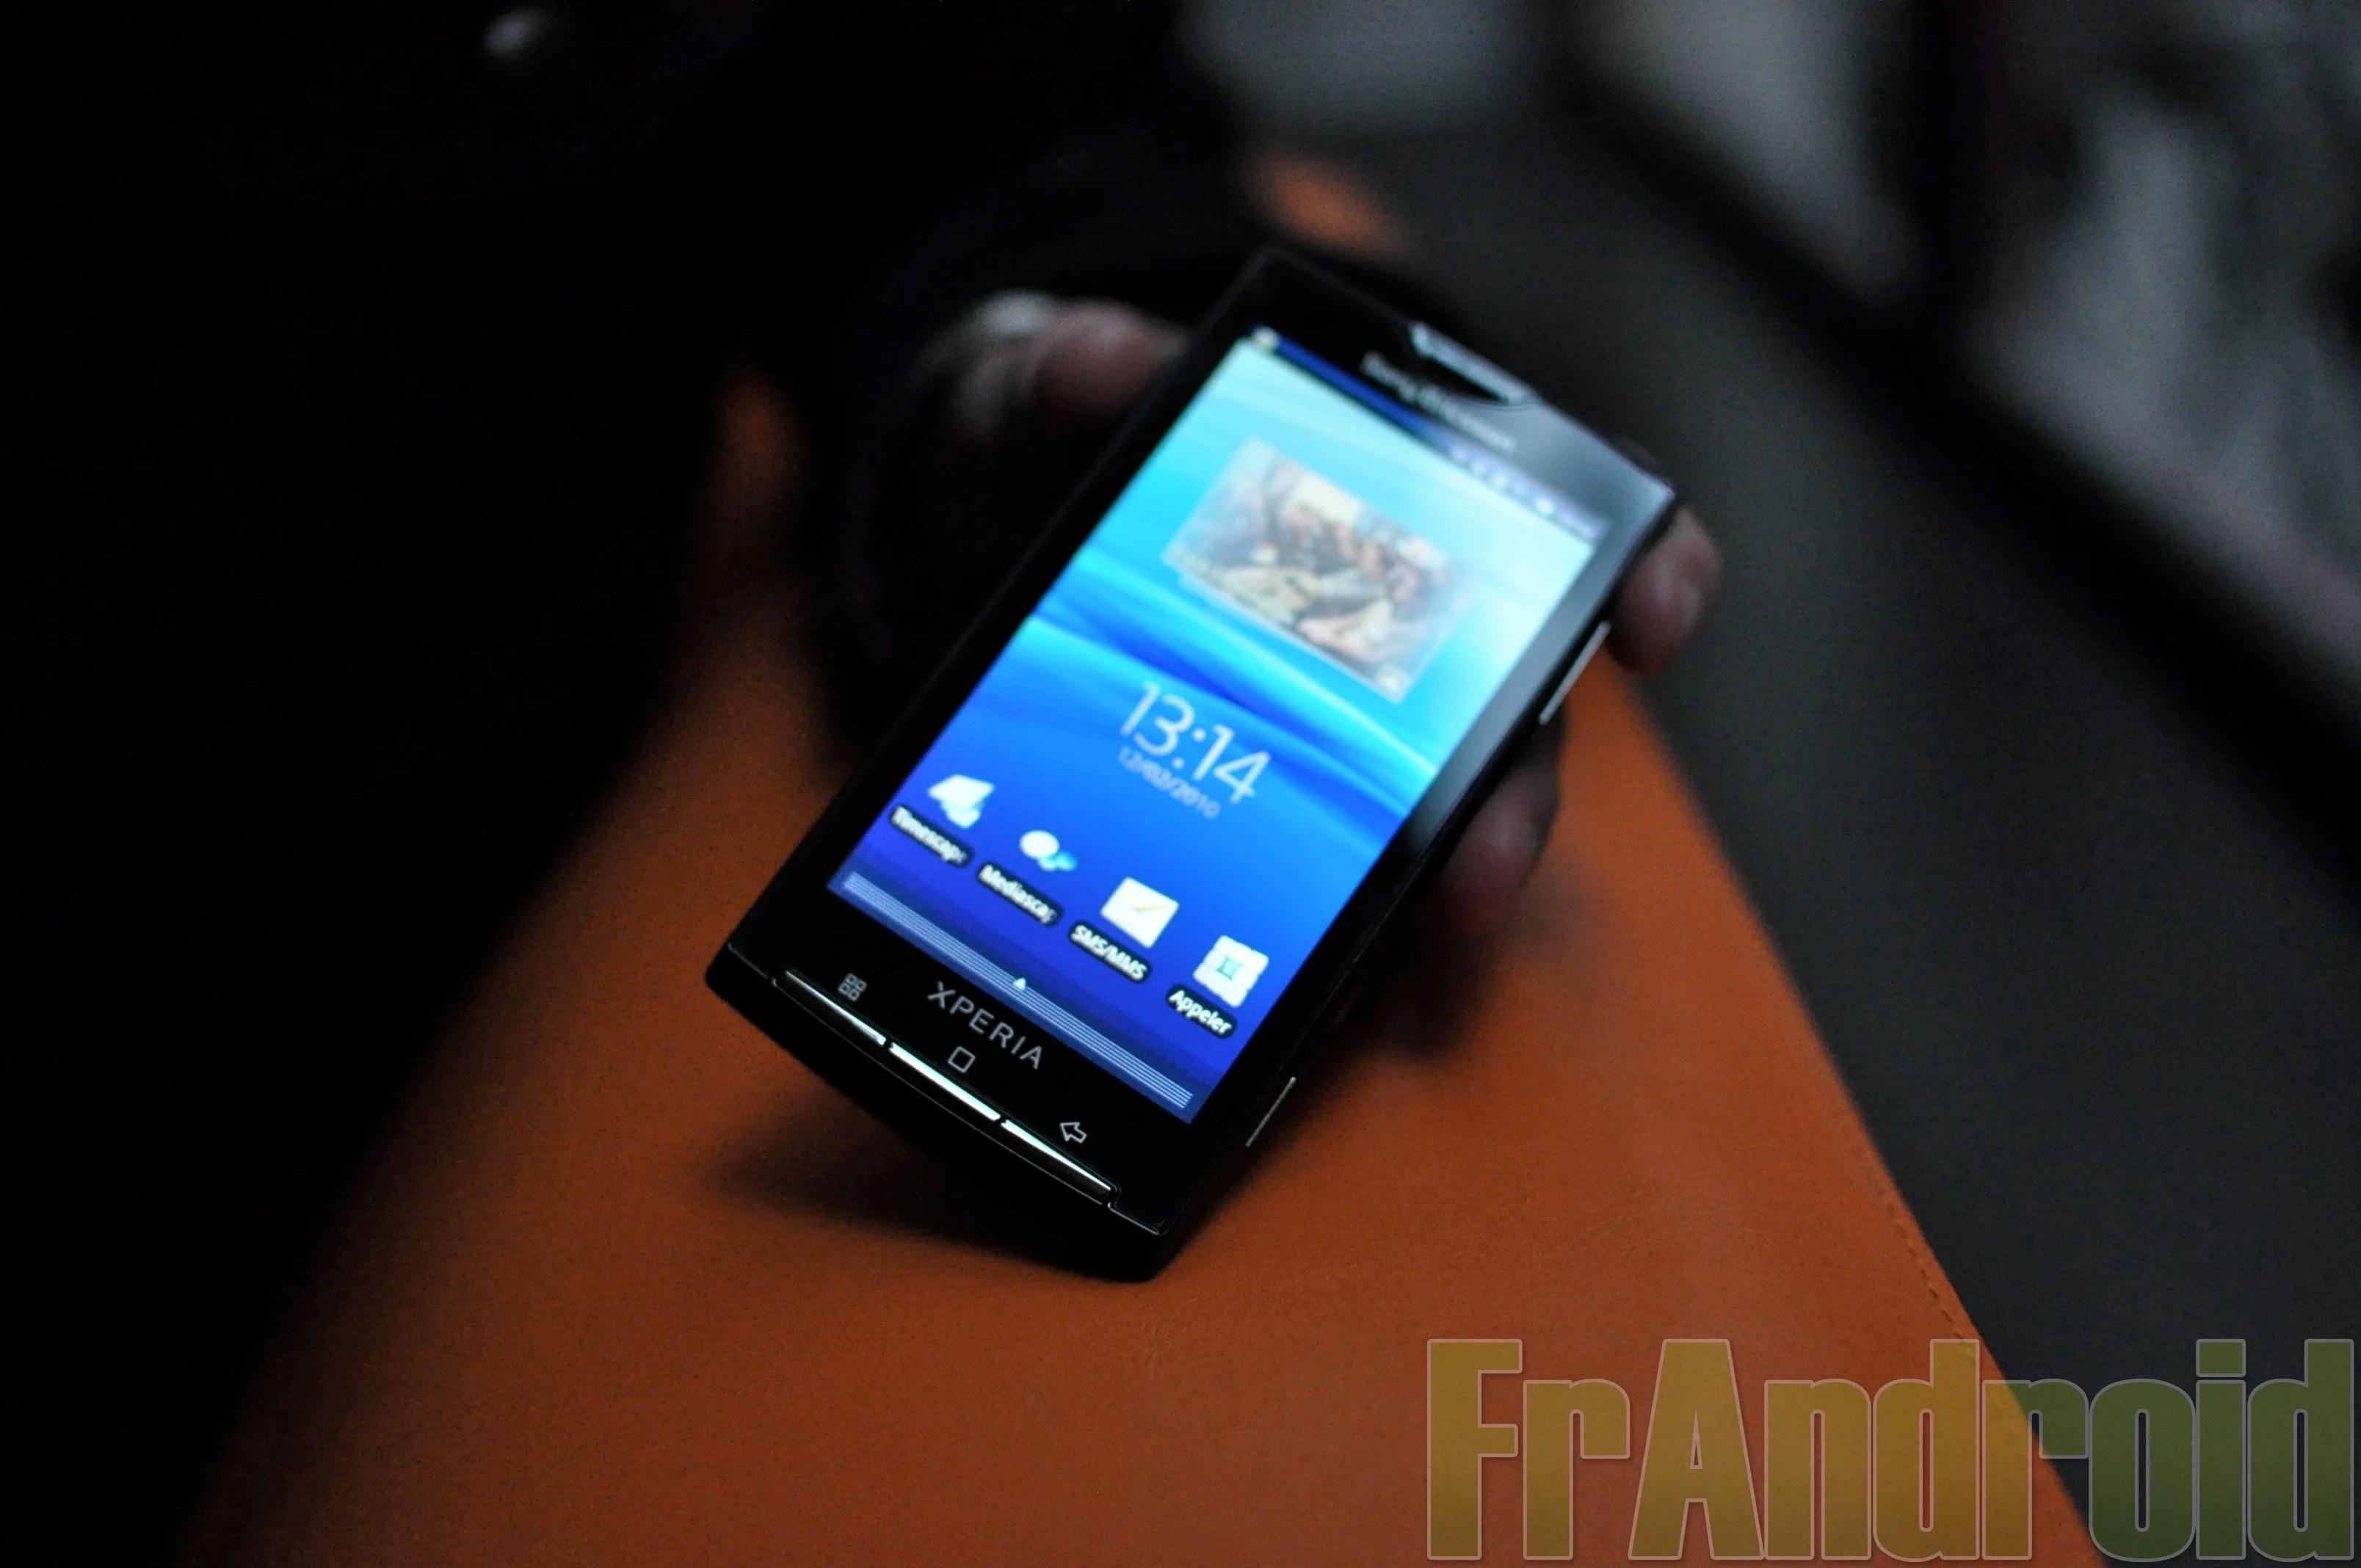 Le Sony Ericsson Xperia X10 mis à jour en 2.1 à la fin de l'année